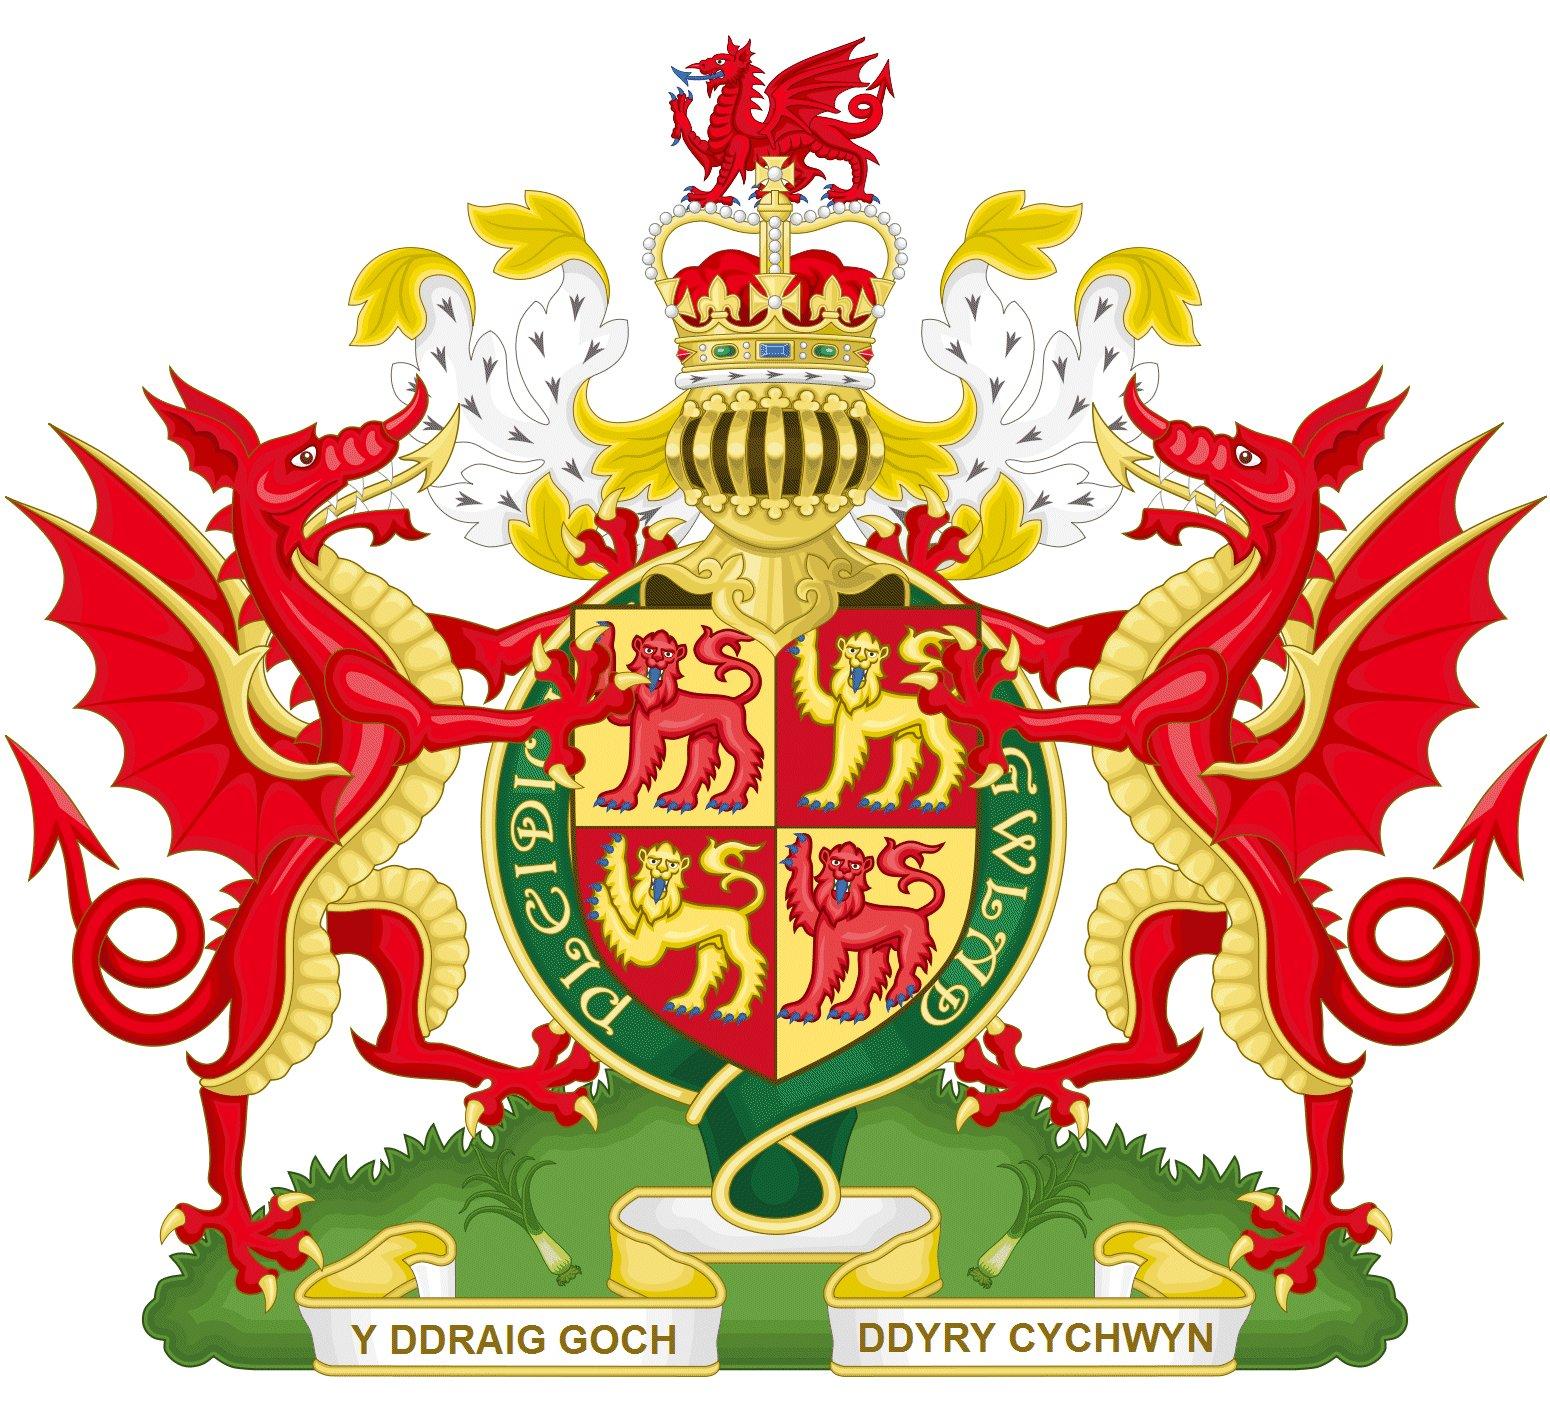 le drapeau intgre le dragon rouge de cadwaladr roi de gwynedd 655 682 avec les couleurs des tudor vert et de blanc il a t utilis par henry vii